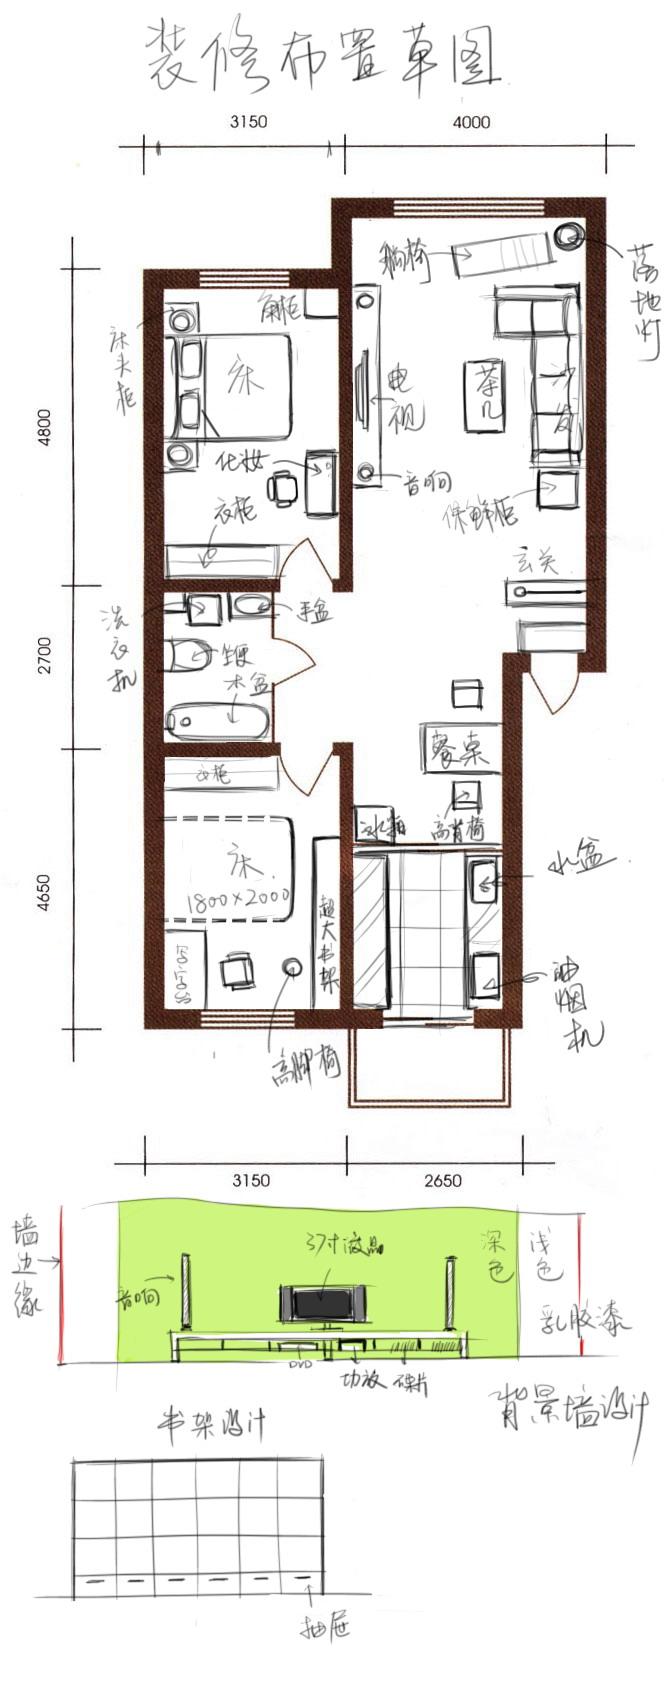 房屋布置草图